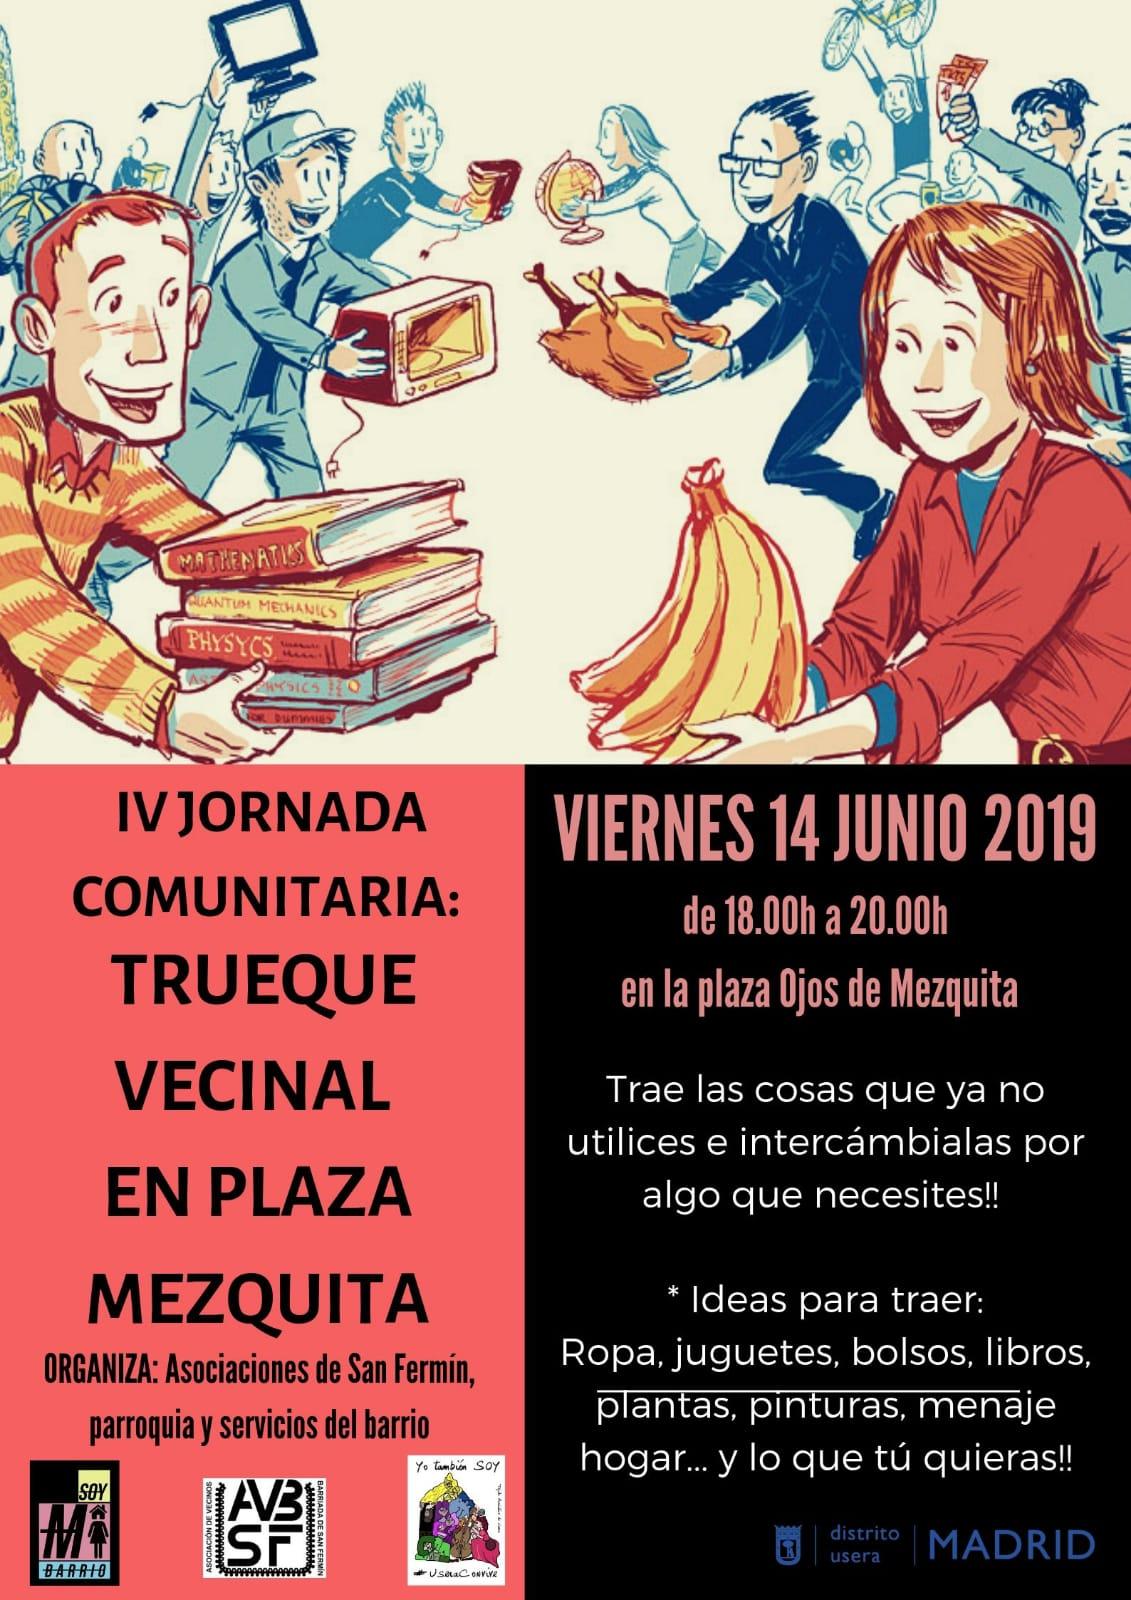 Trueque Vecinal en Plaza Ojos de la Mezquita. 14 de Junio de 2019